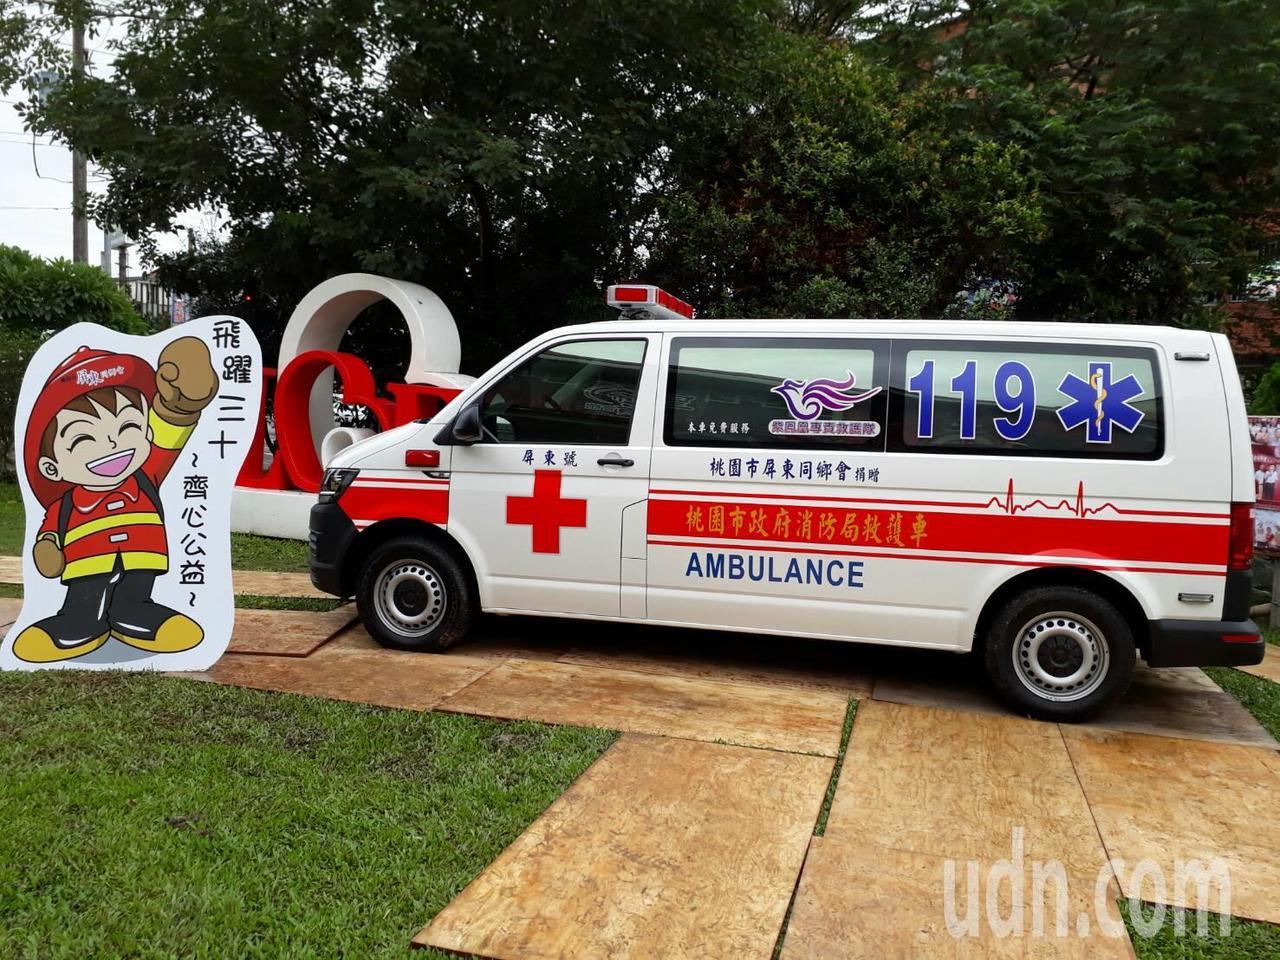 旅桃屏東同郷會捐救護車投入急難救助公益。記者鄭國樑/攝影